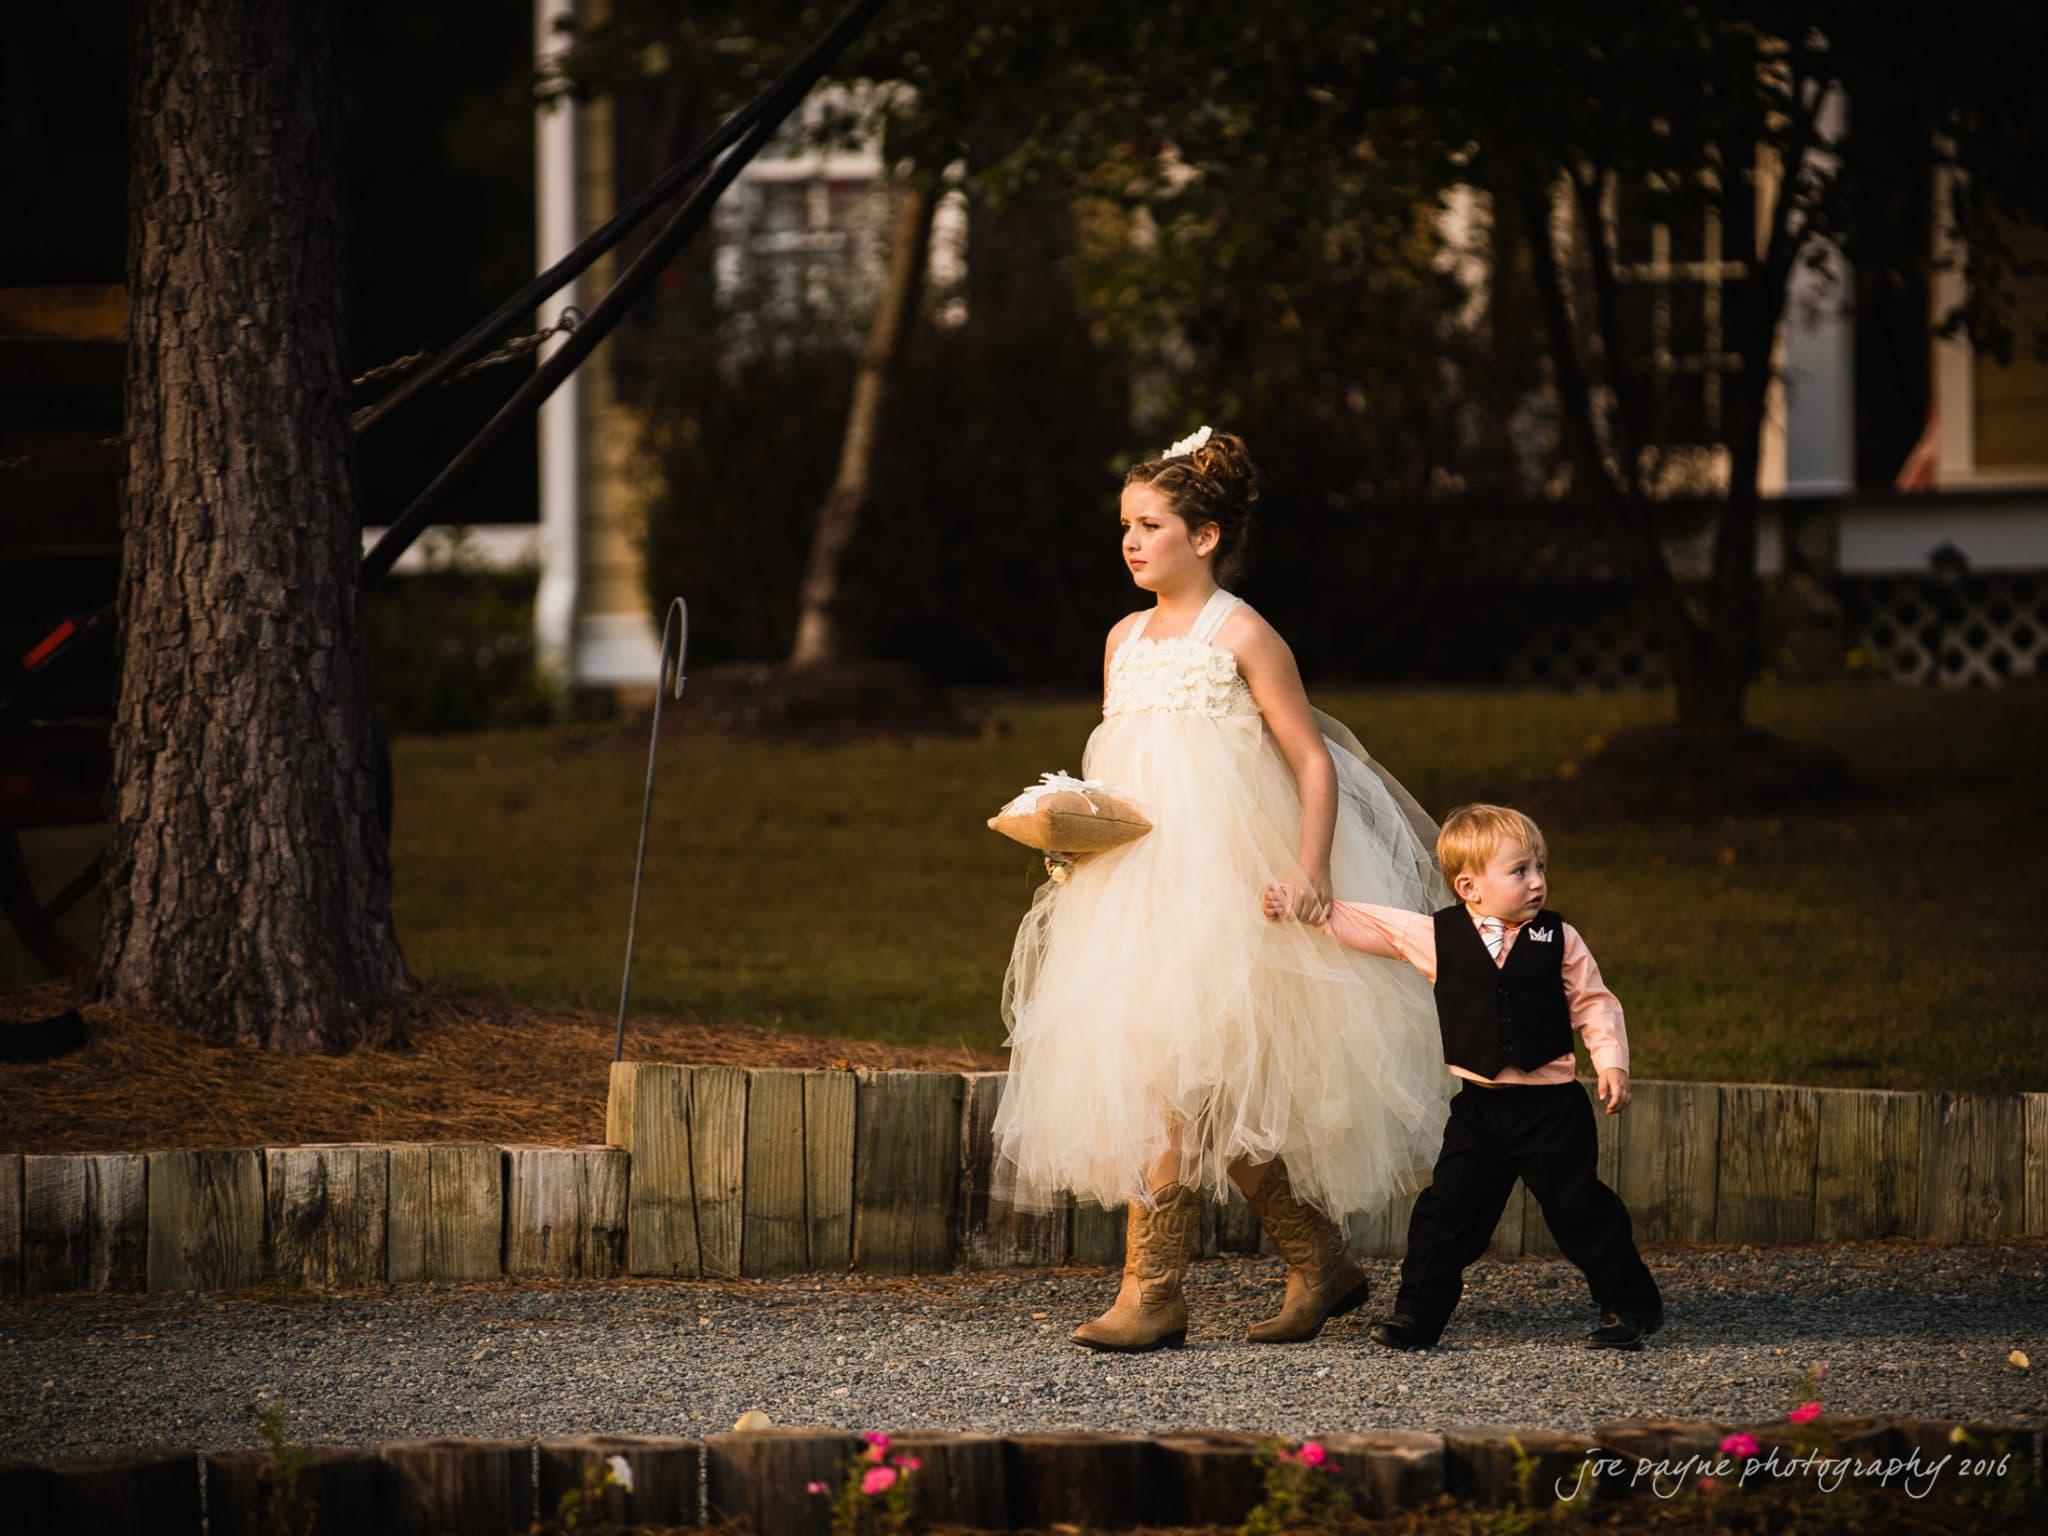 shady-wagon-farm-wedding-photography-danielle-josh-8